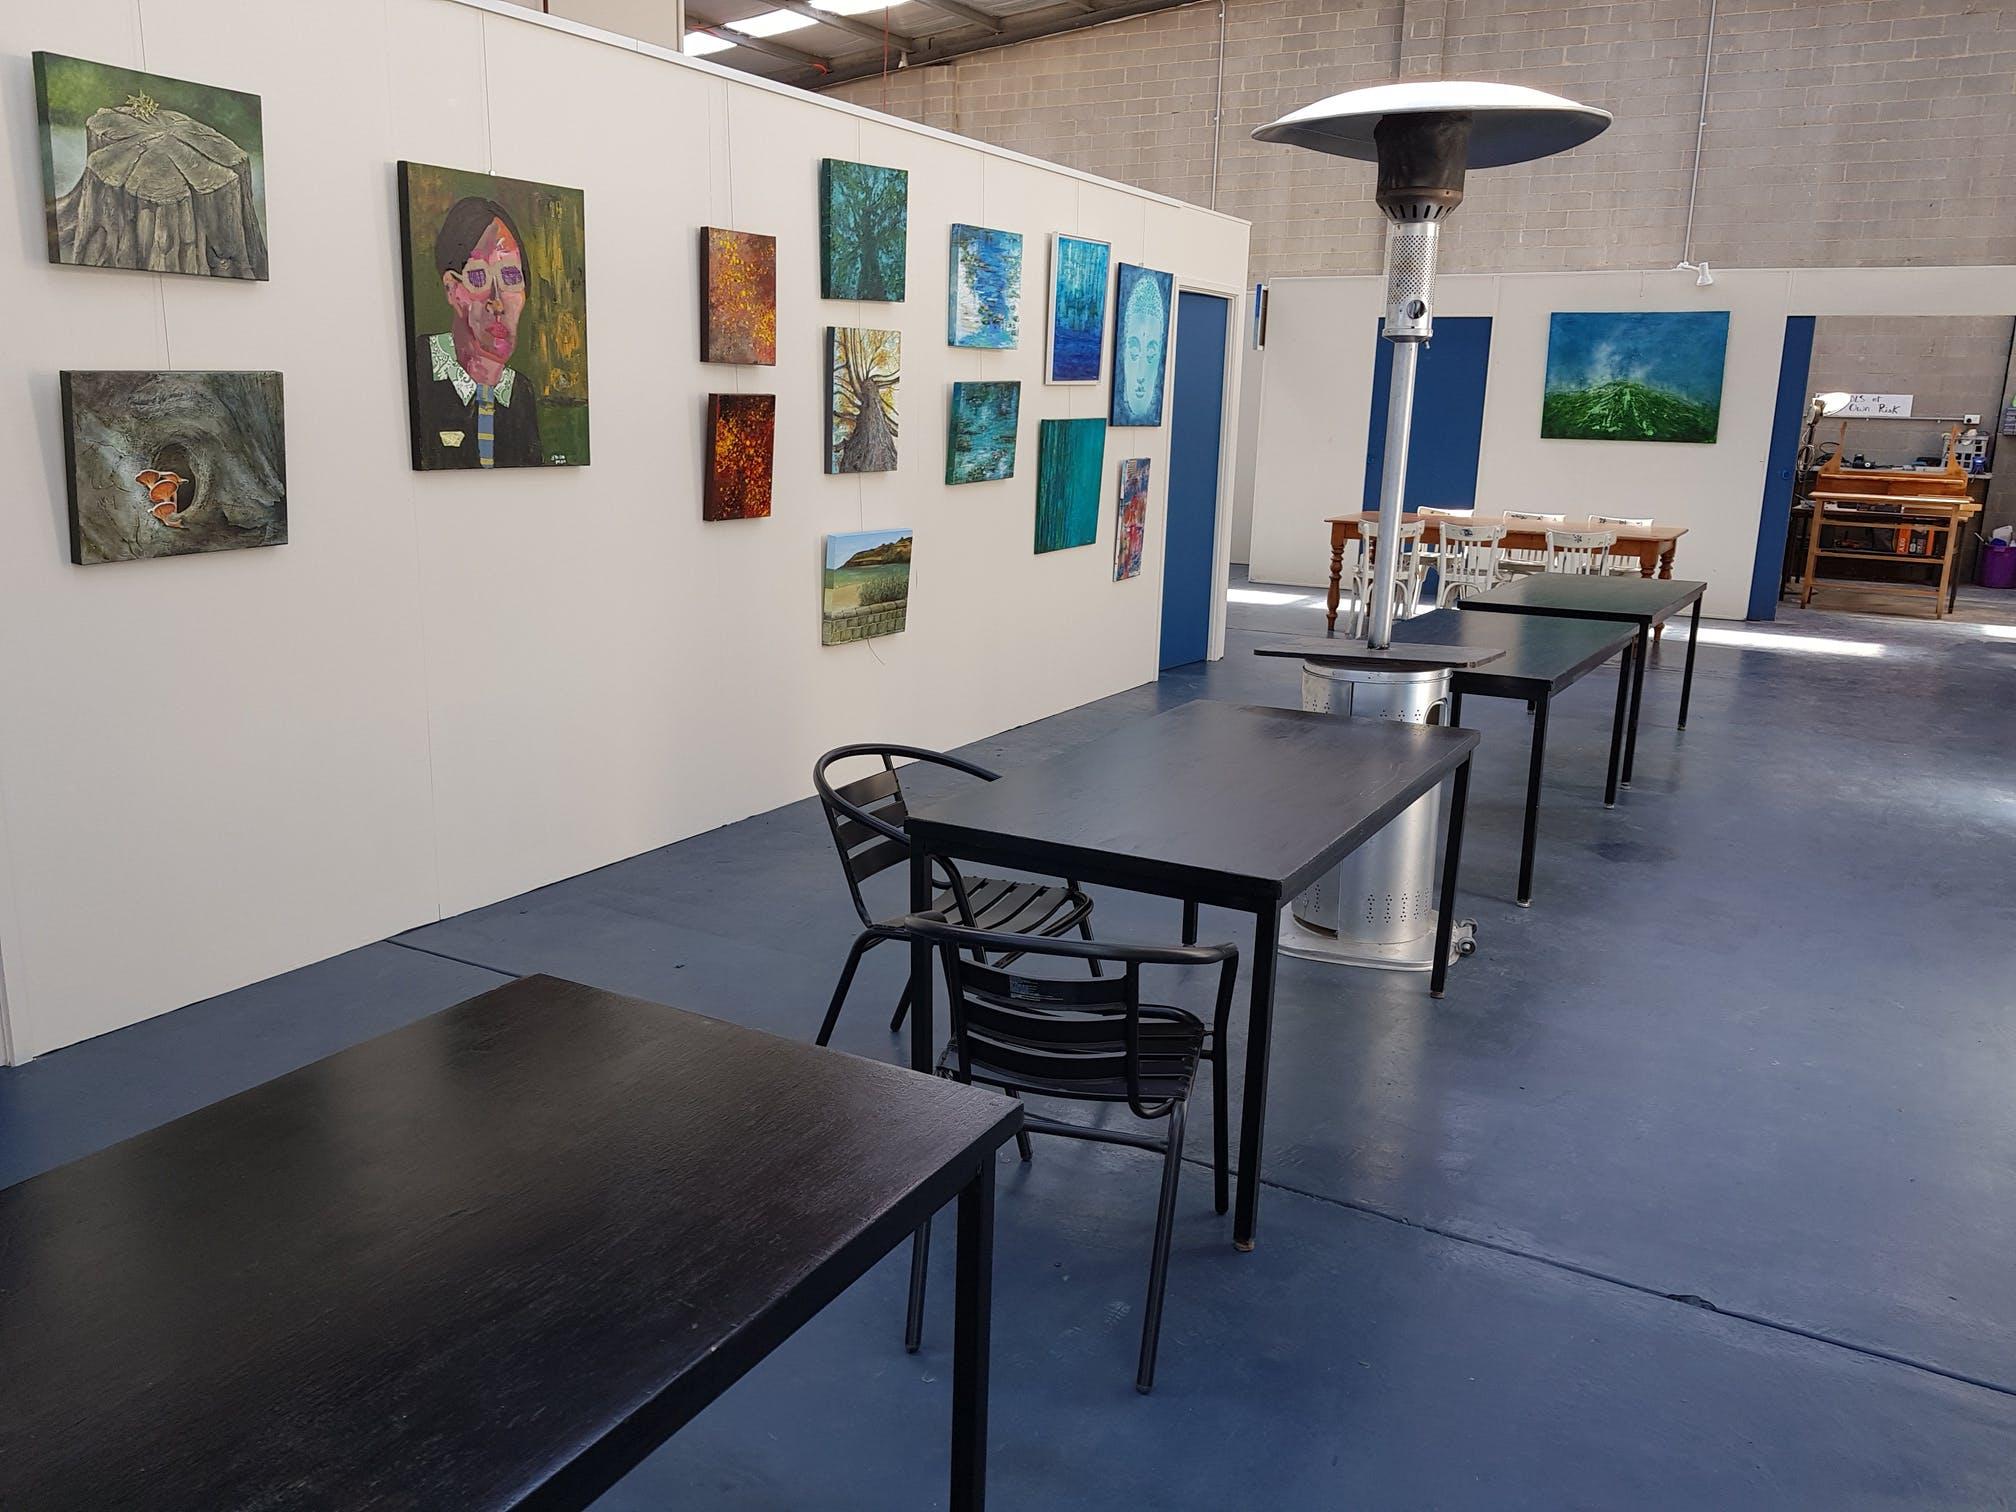 Gallery at Le Studio Art Space & Ceramic Studio, image 1